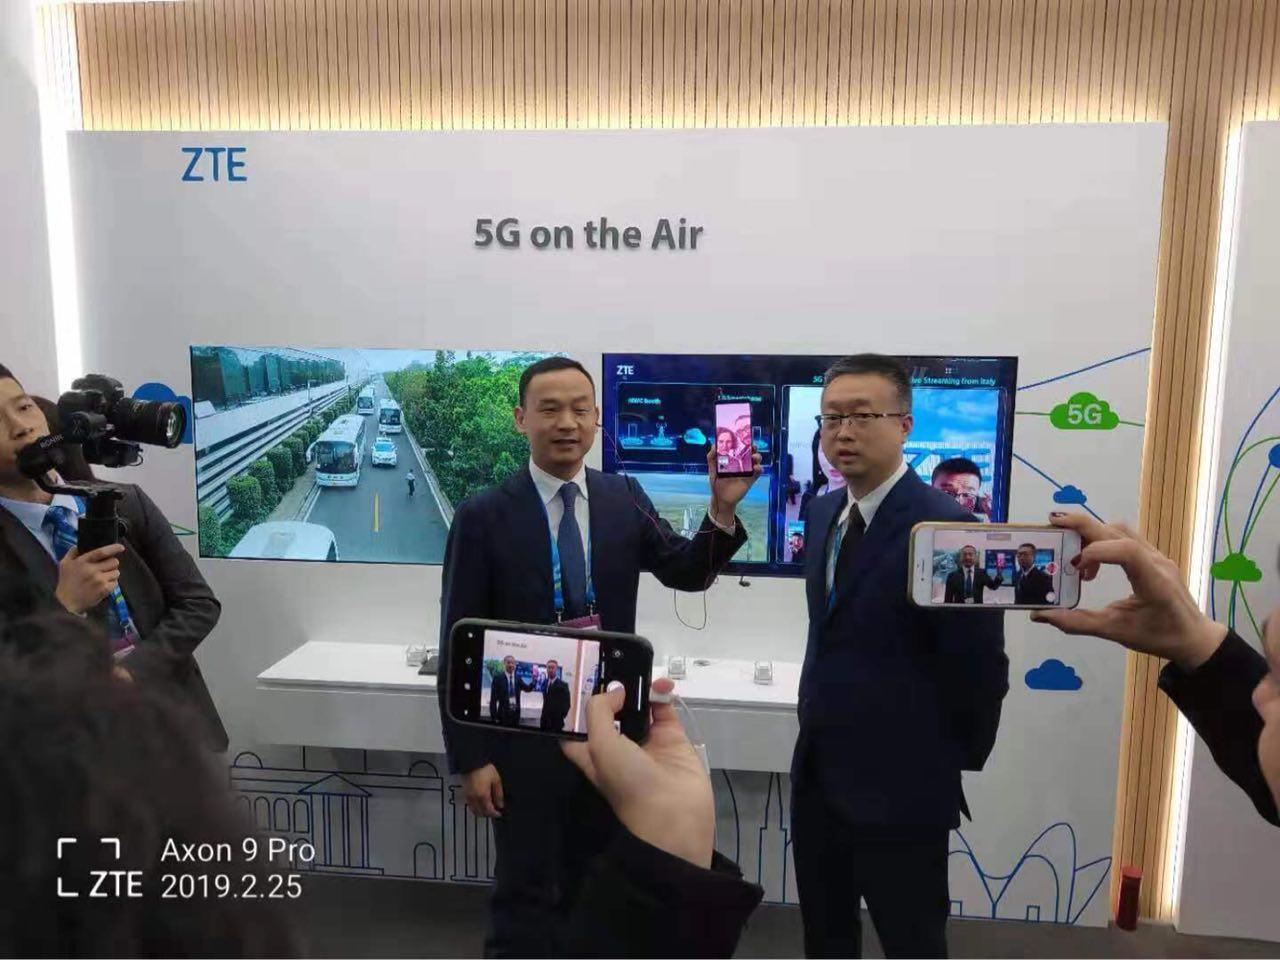 中興通訊聯合意大利Wind Tre、Open Fiber打通首個跨越地中海的5G智能手機視頻電話